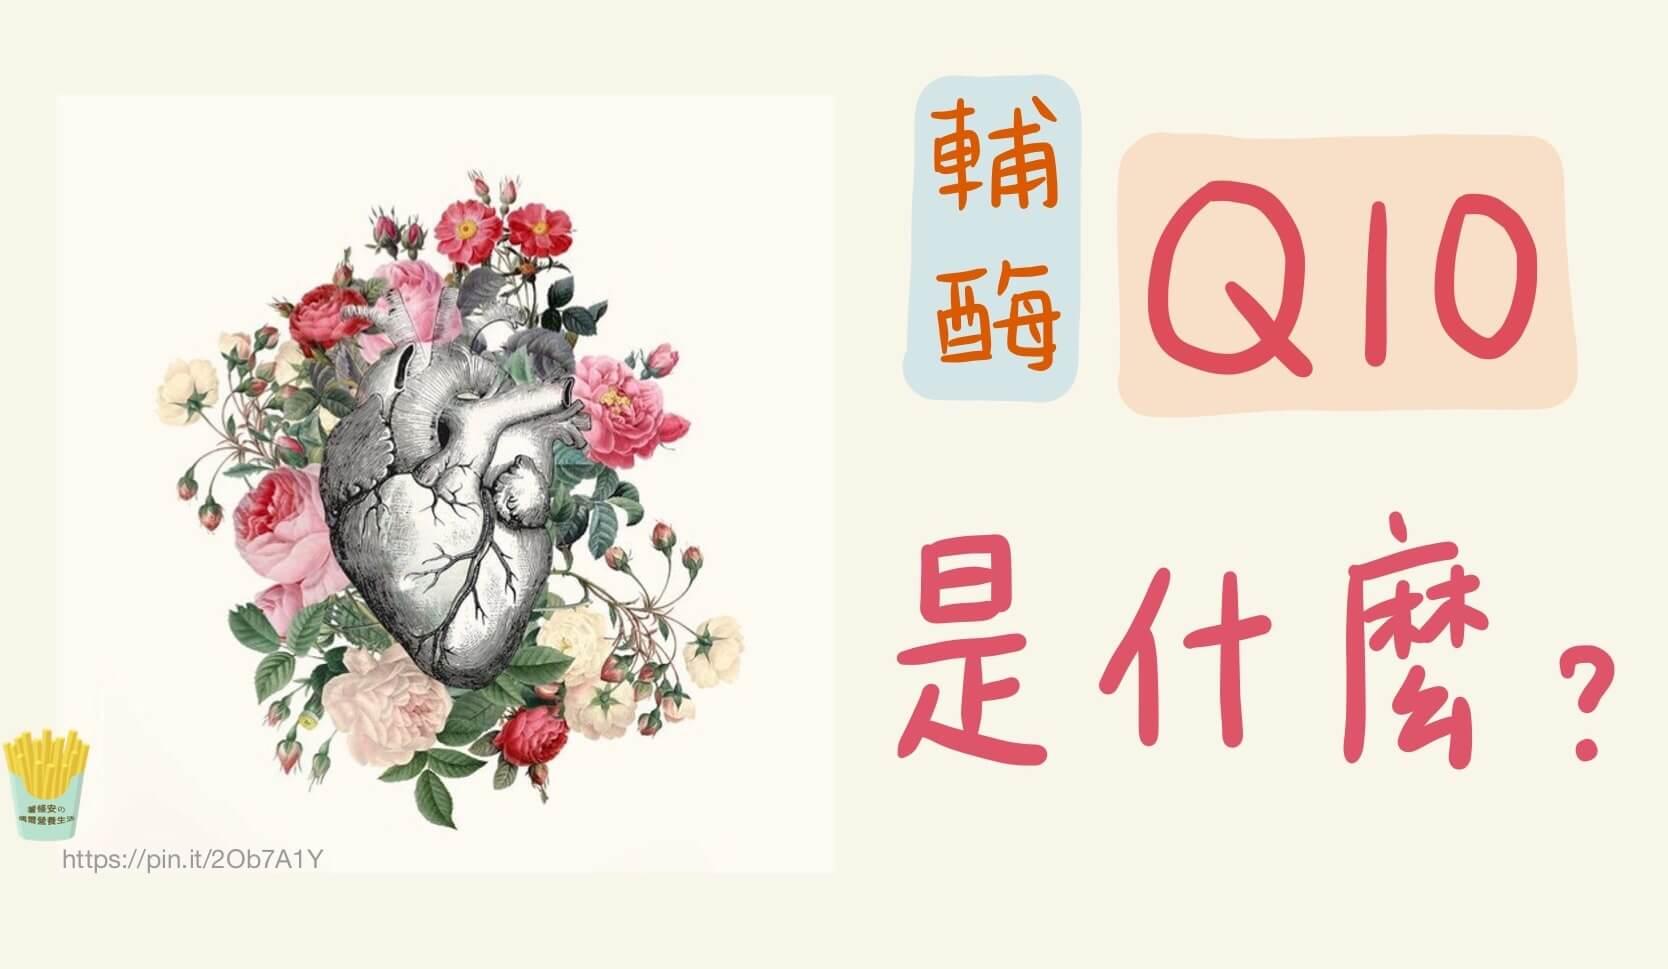 Q10是什麼